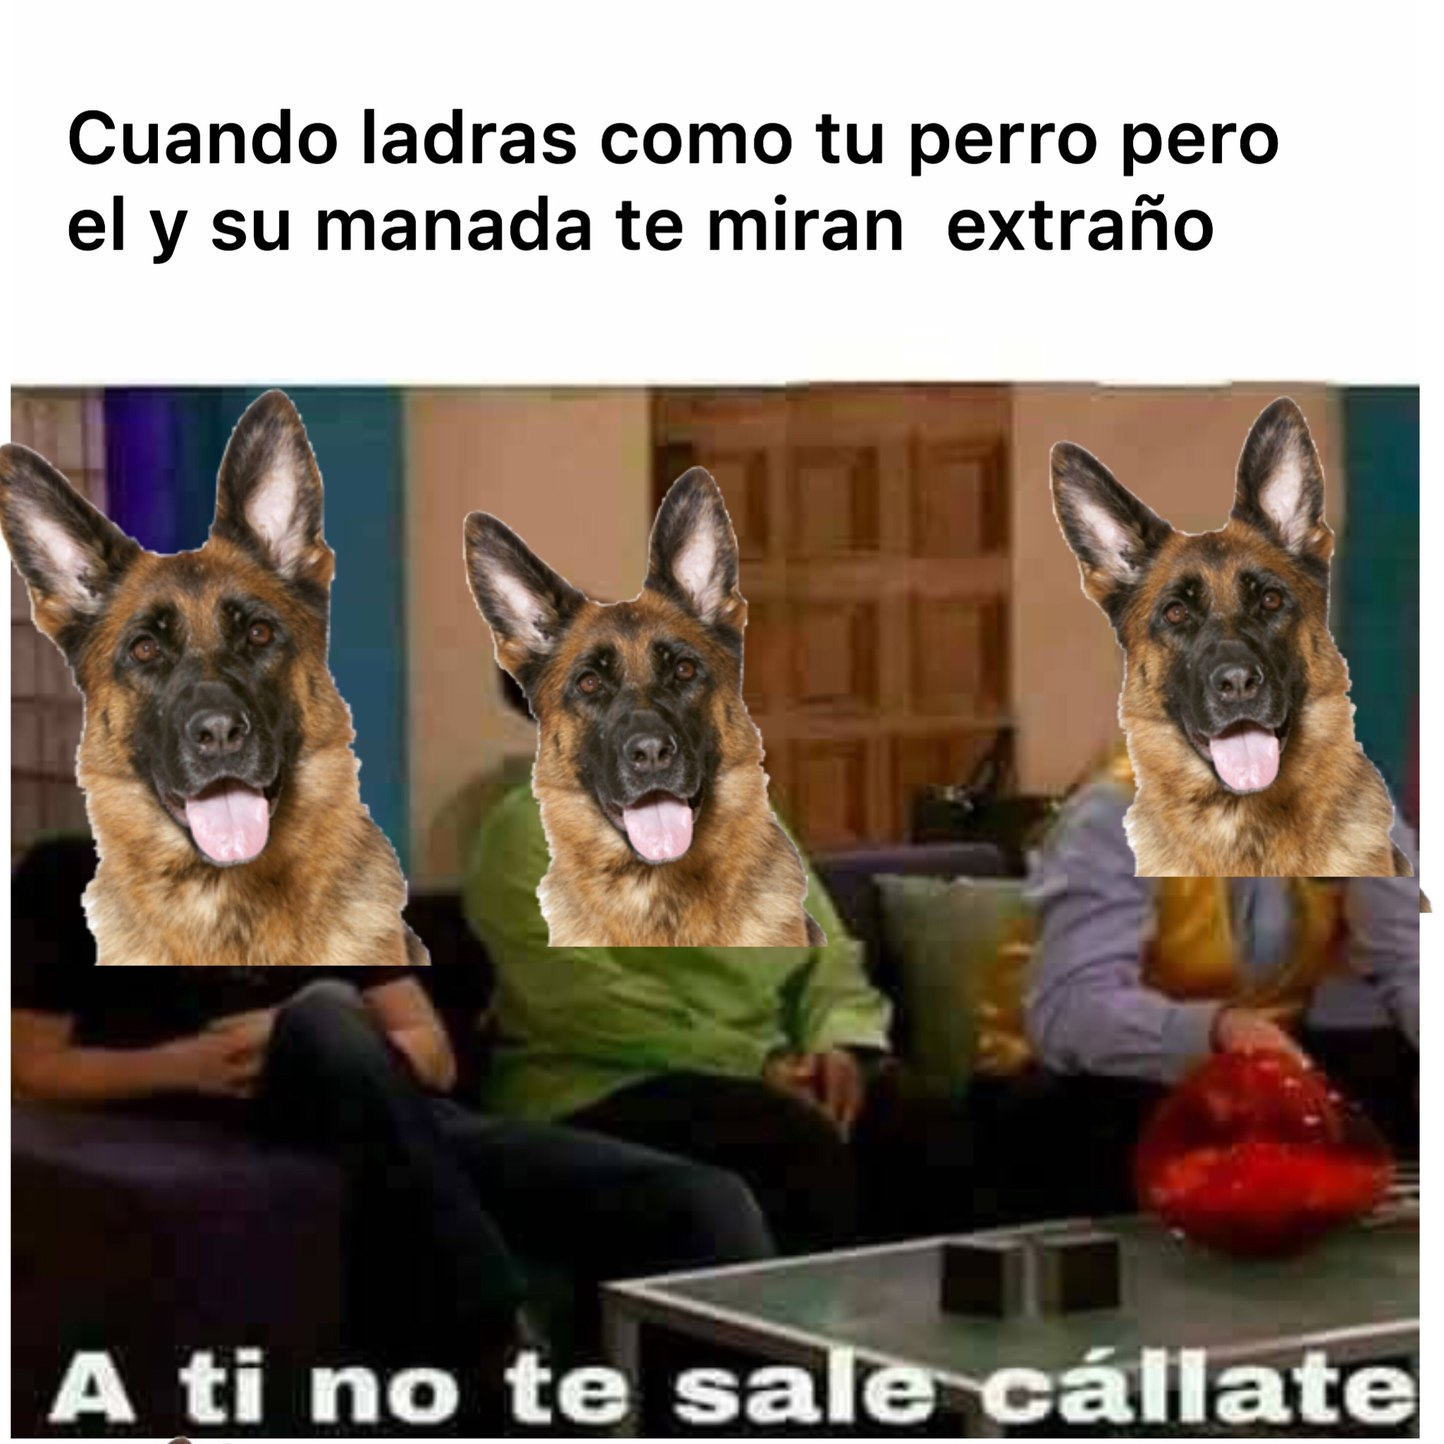 Todos los perros son iguales - meme